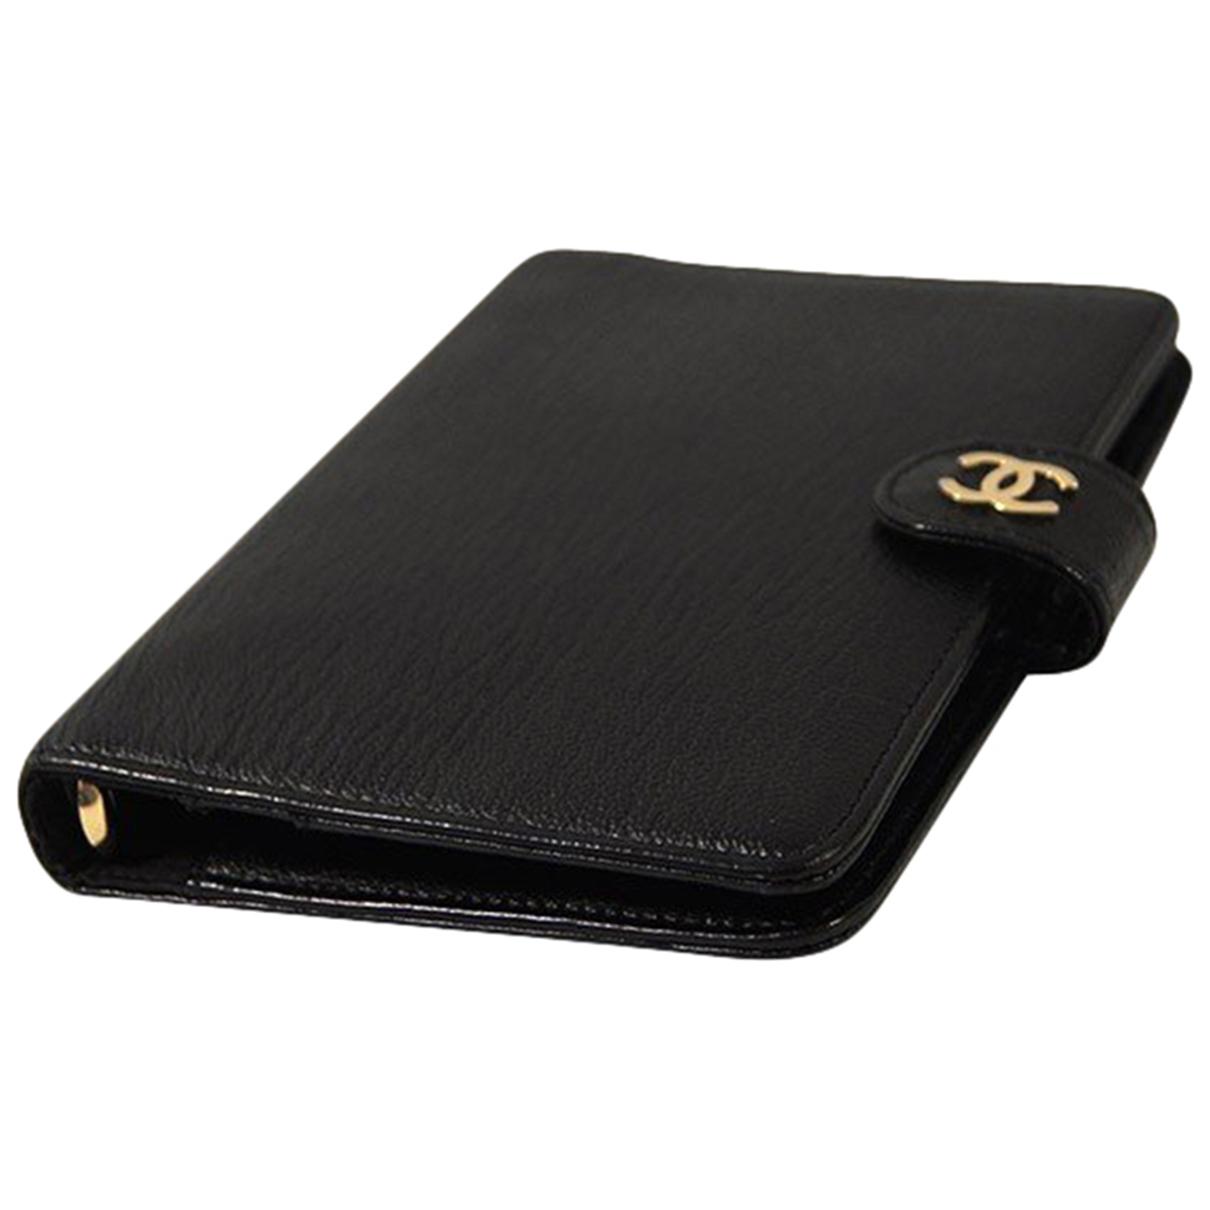 Chanel \N Accessoires und Dekoration in  Schwarz Leder